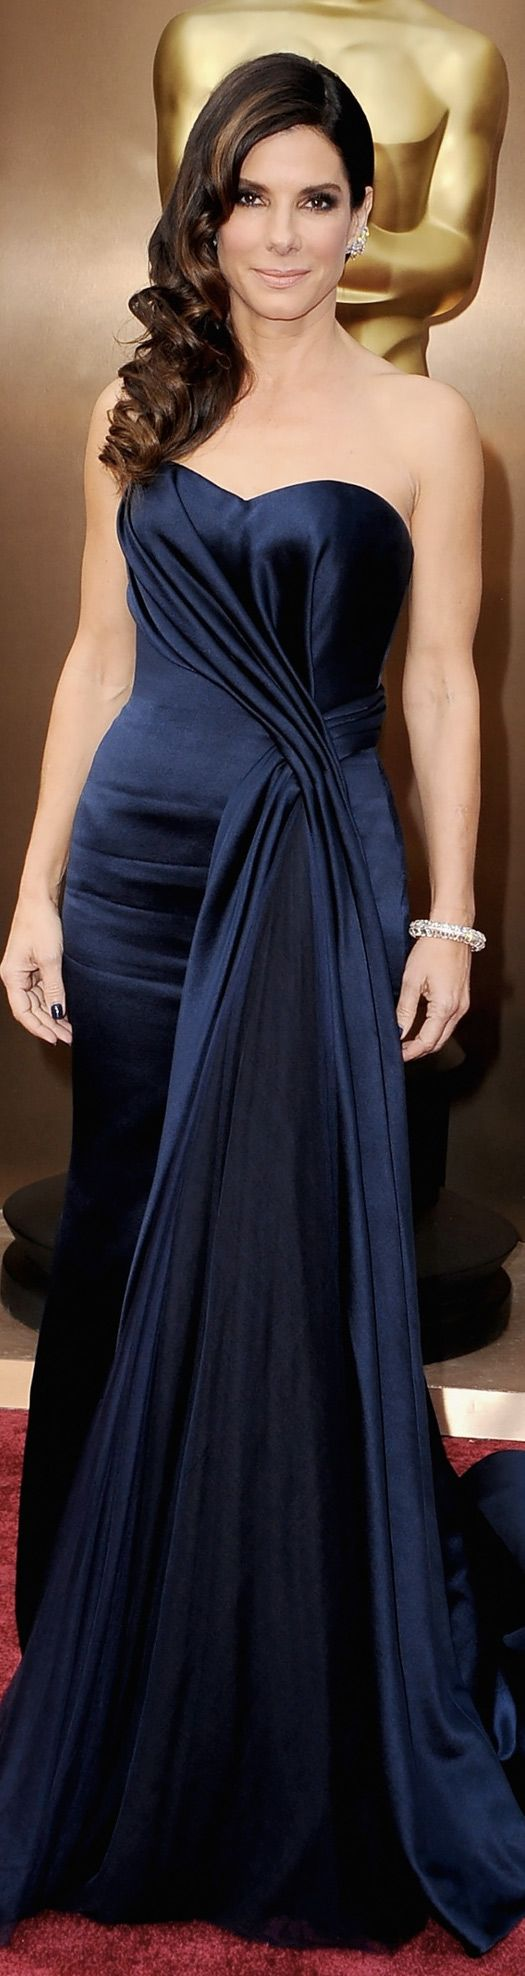 Fabuloso el vestido de Sandra                              …